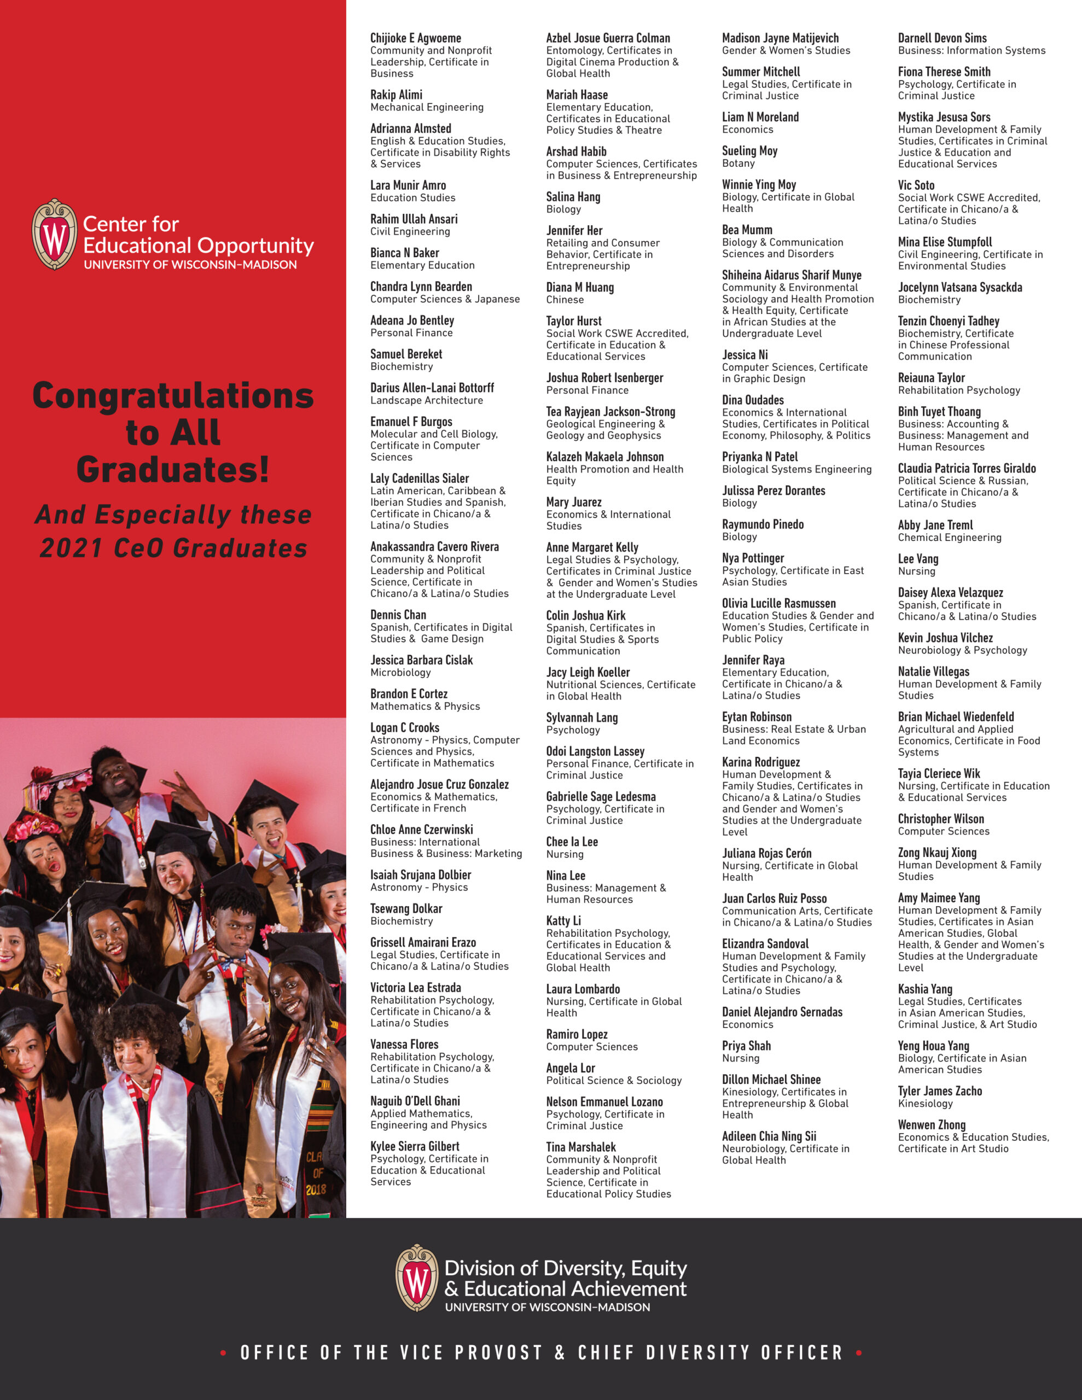 Felicitaciones a todos los Graduados del programa CeO 2021